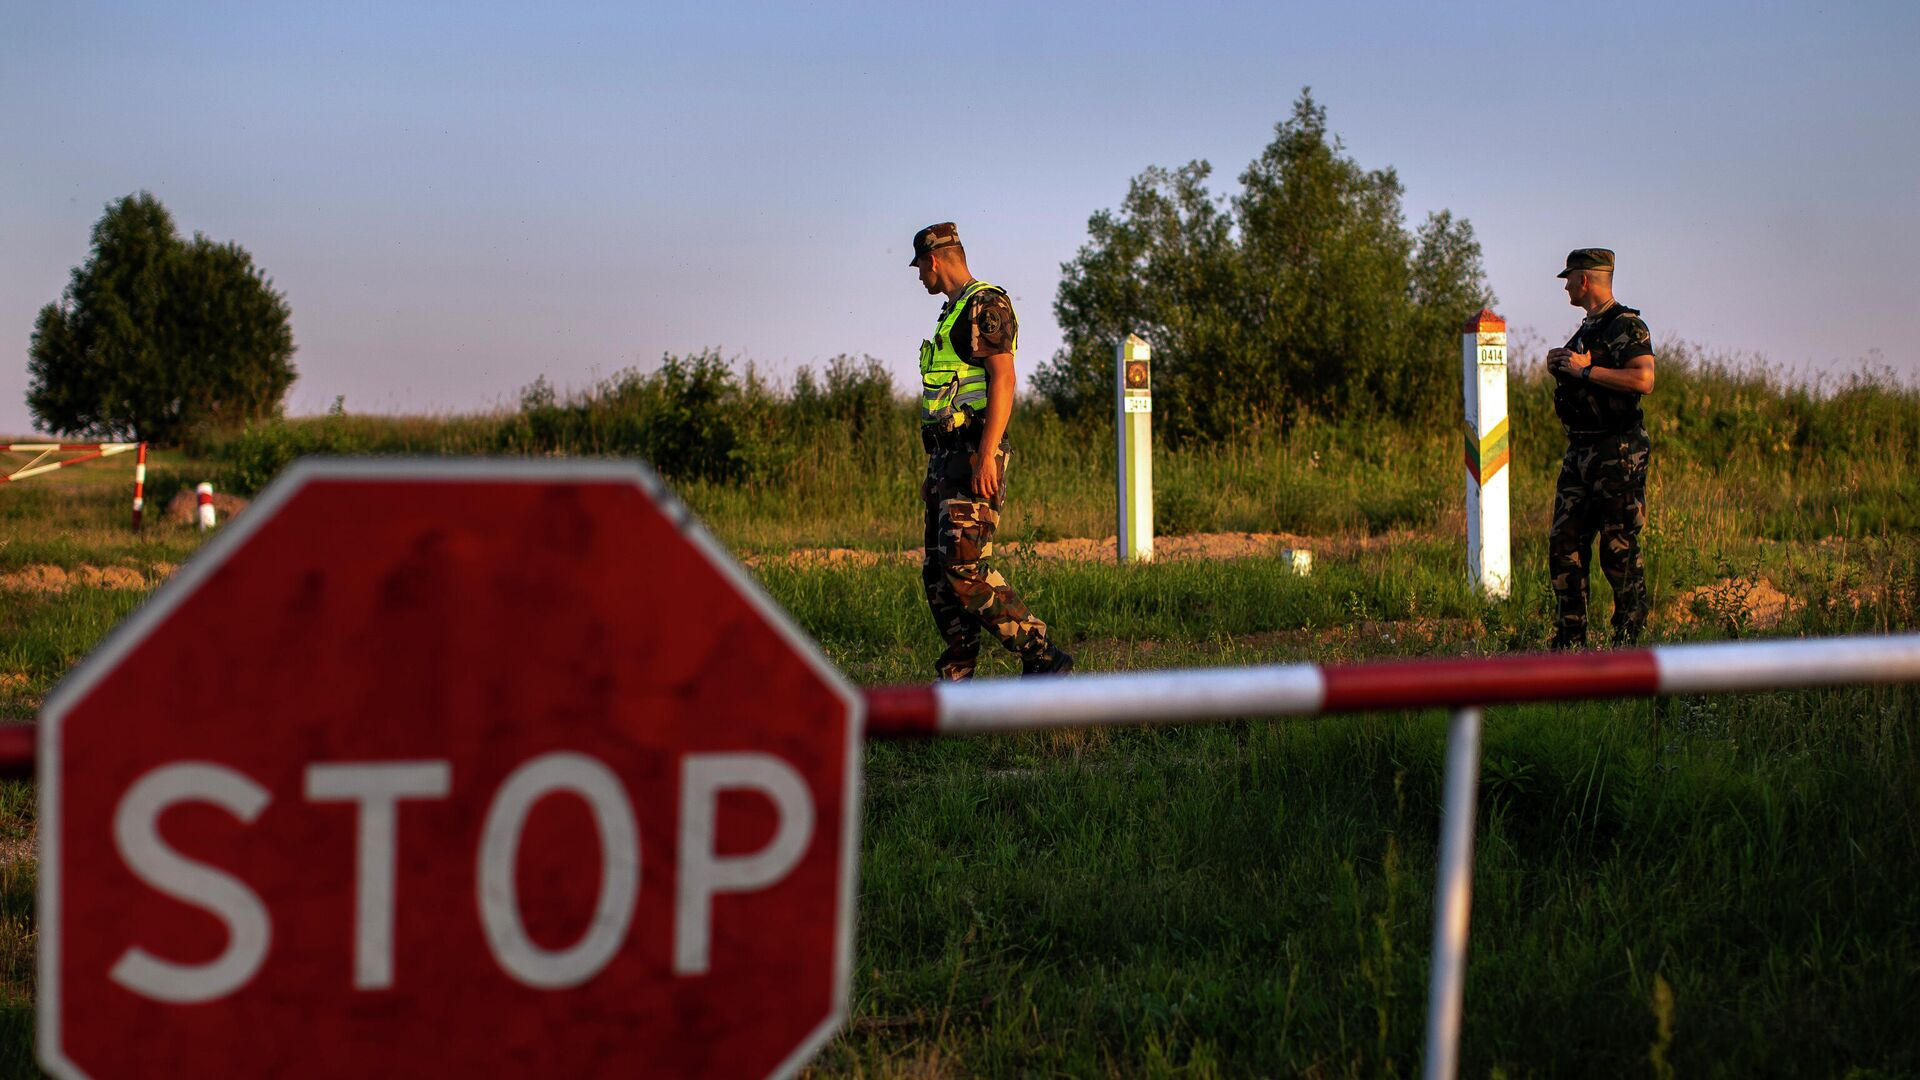 Литовские пограничники патрулируют участок на границе с Белоруссией - РИА Новости, 1920, 04.08.2021